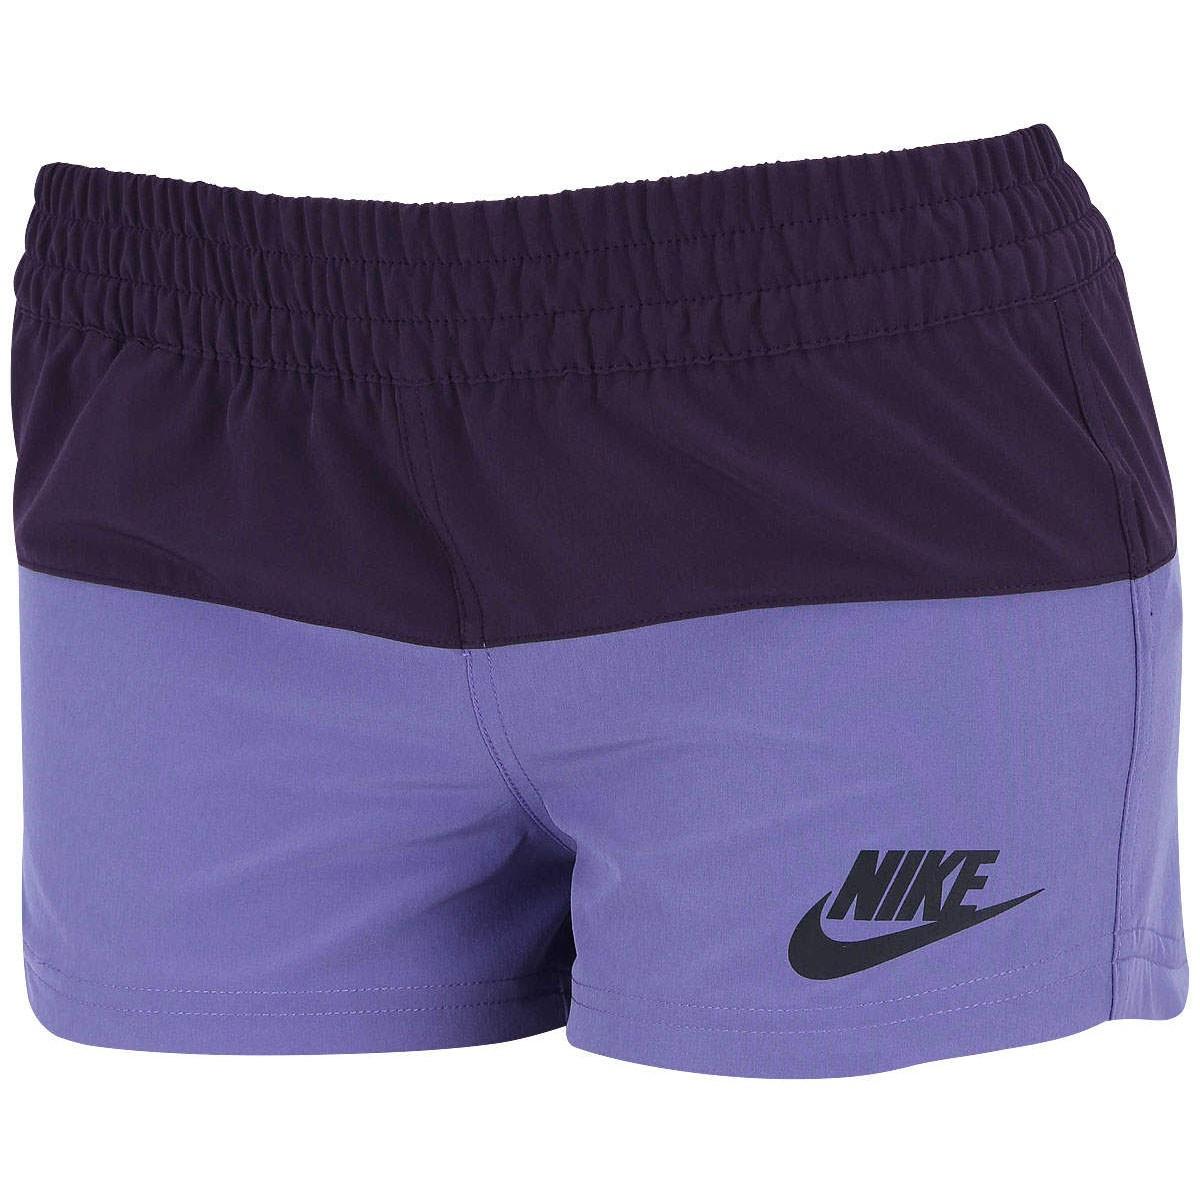 e87ffdc167159 Short Nike Remix 545859-507 - Roxo Lilas - Calçados Online Sandálias ...